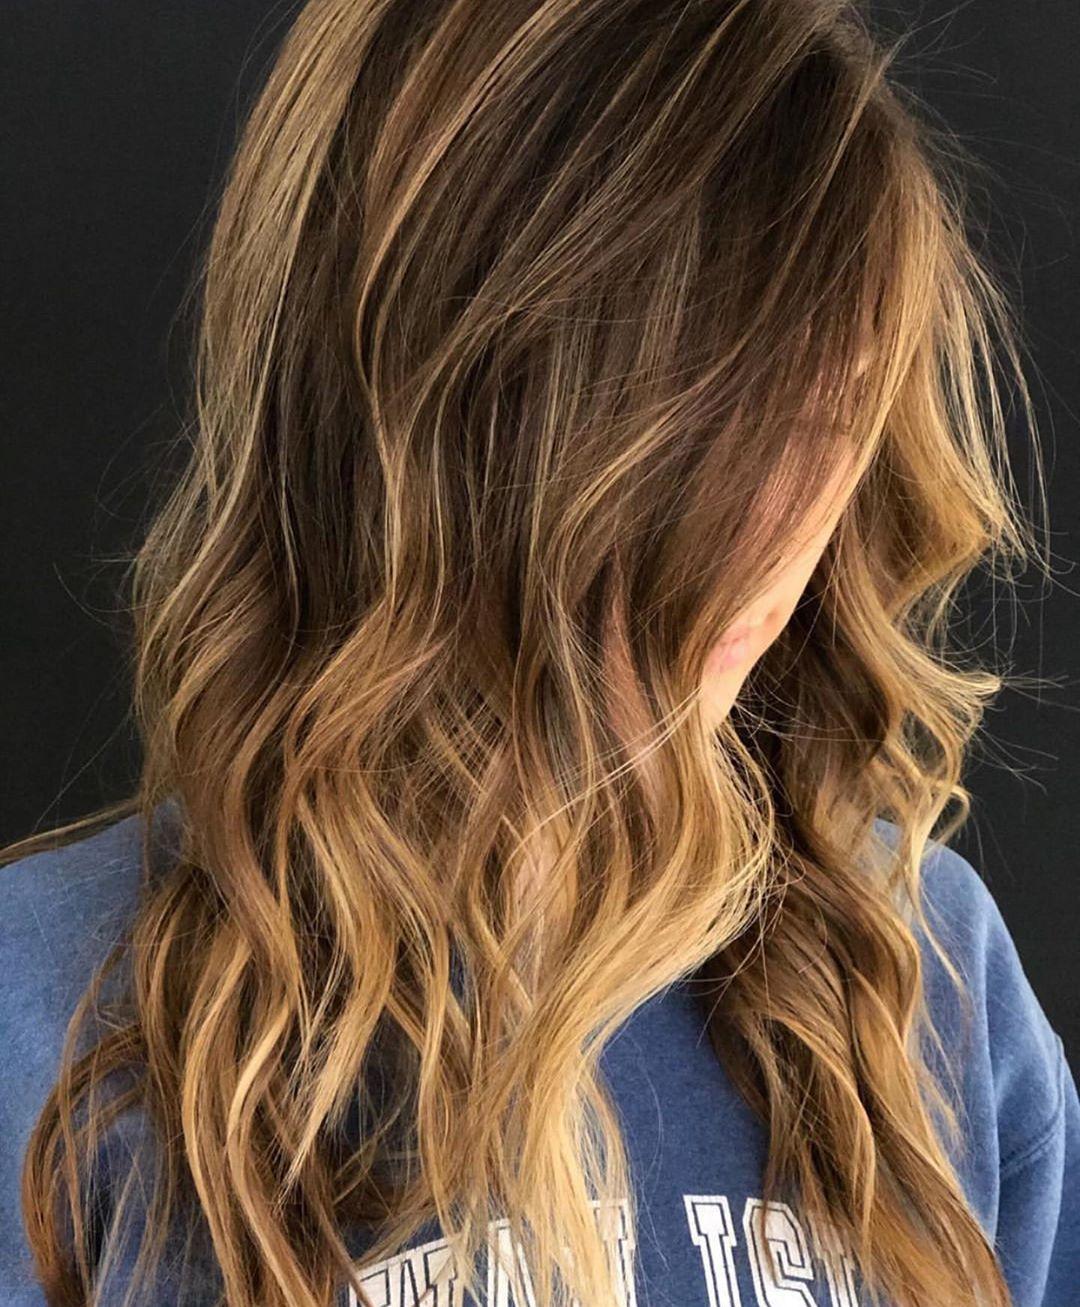 12 Easy Summer Hairstyles In 2020 Medium Curly Hair Styles Mid Length Curly Hairstyles Hair Styles